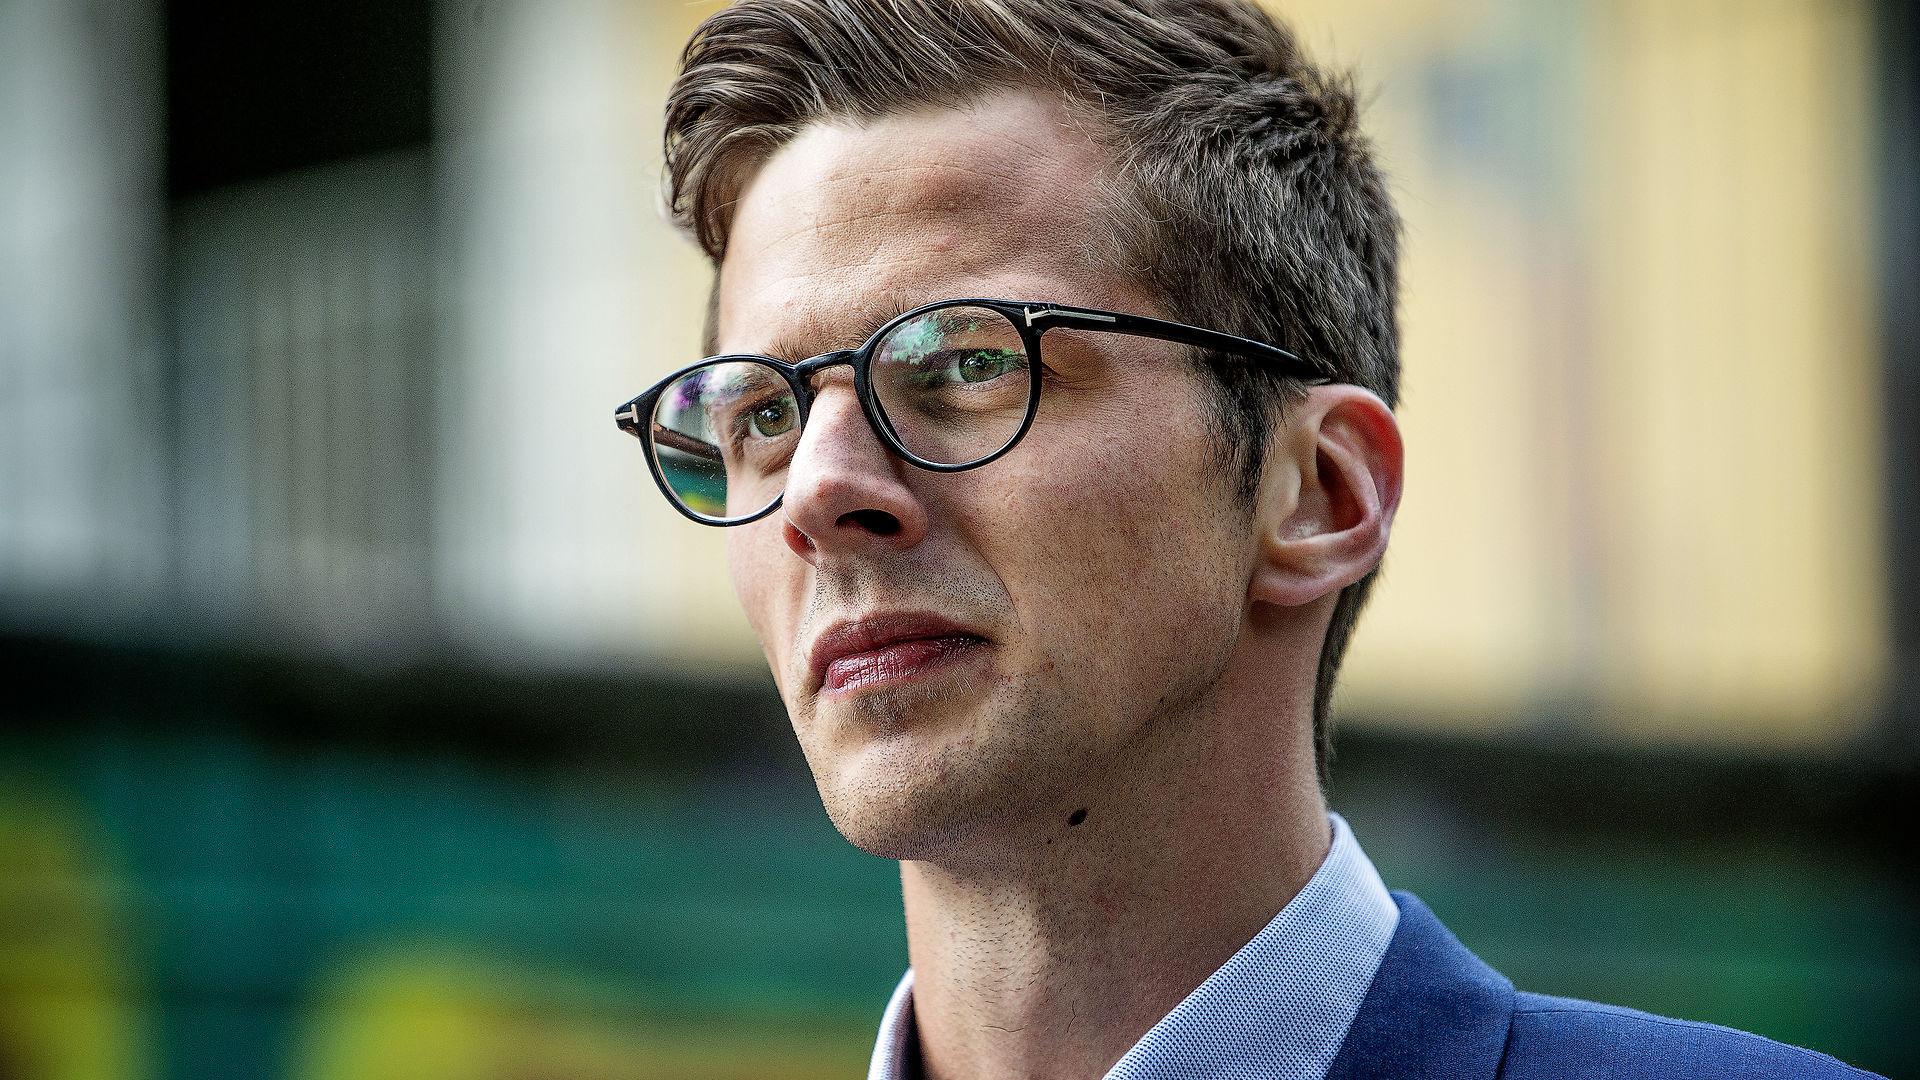 Vanopslagh (LA): Den øremærkede barsel til mænd er først og fremmest en sejr for barnepigestaten Danmark